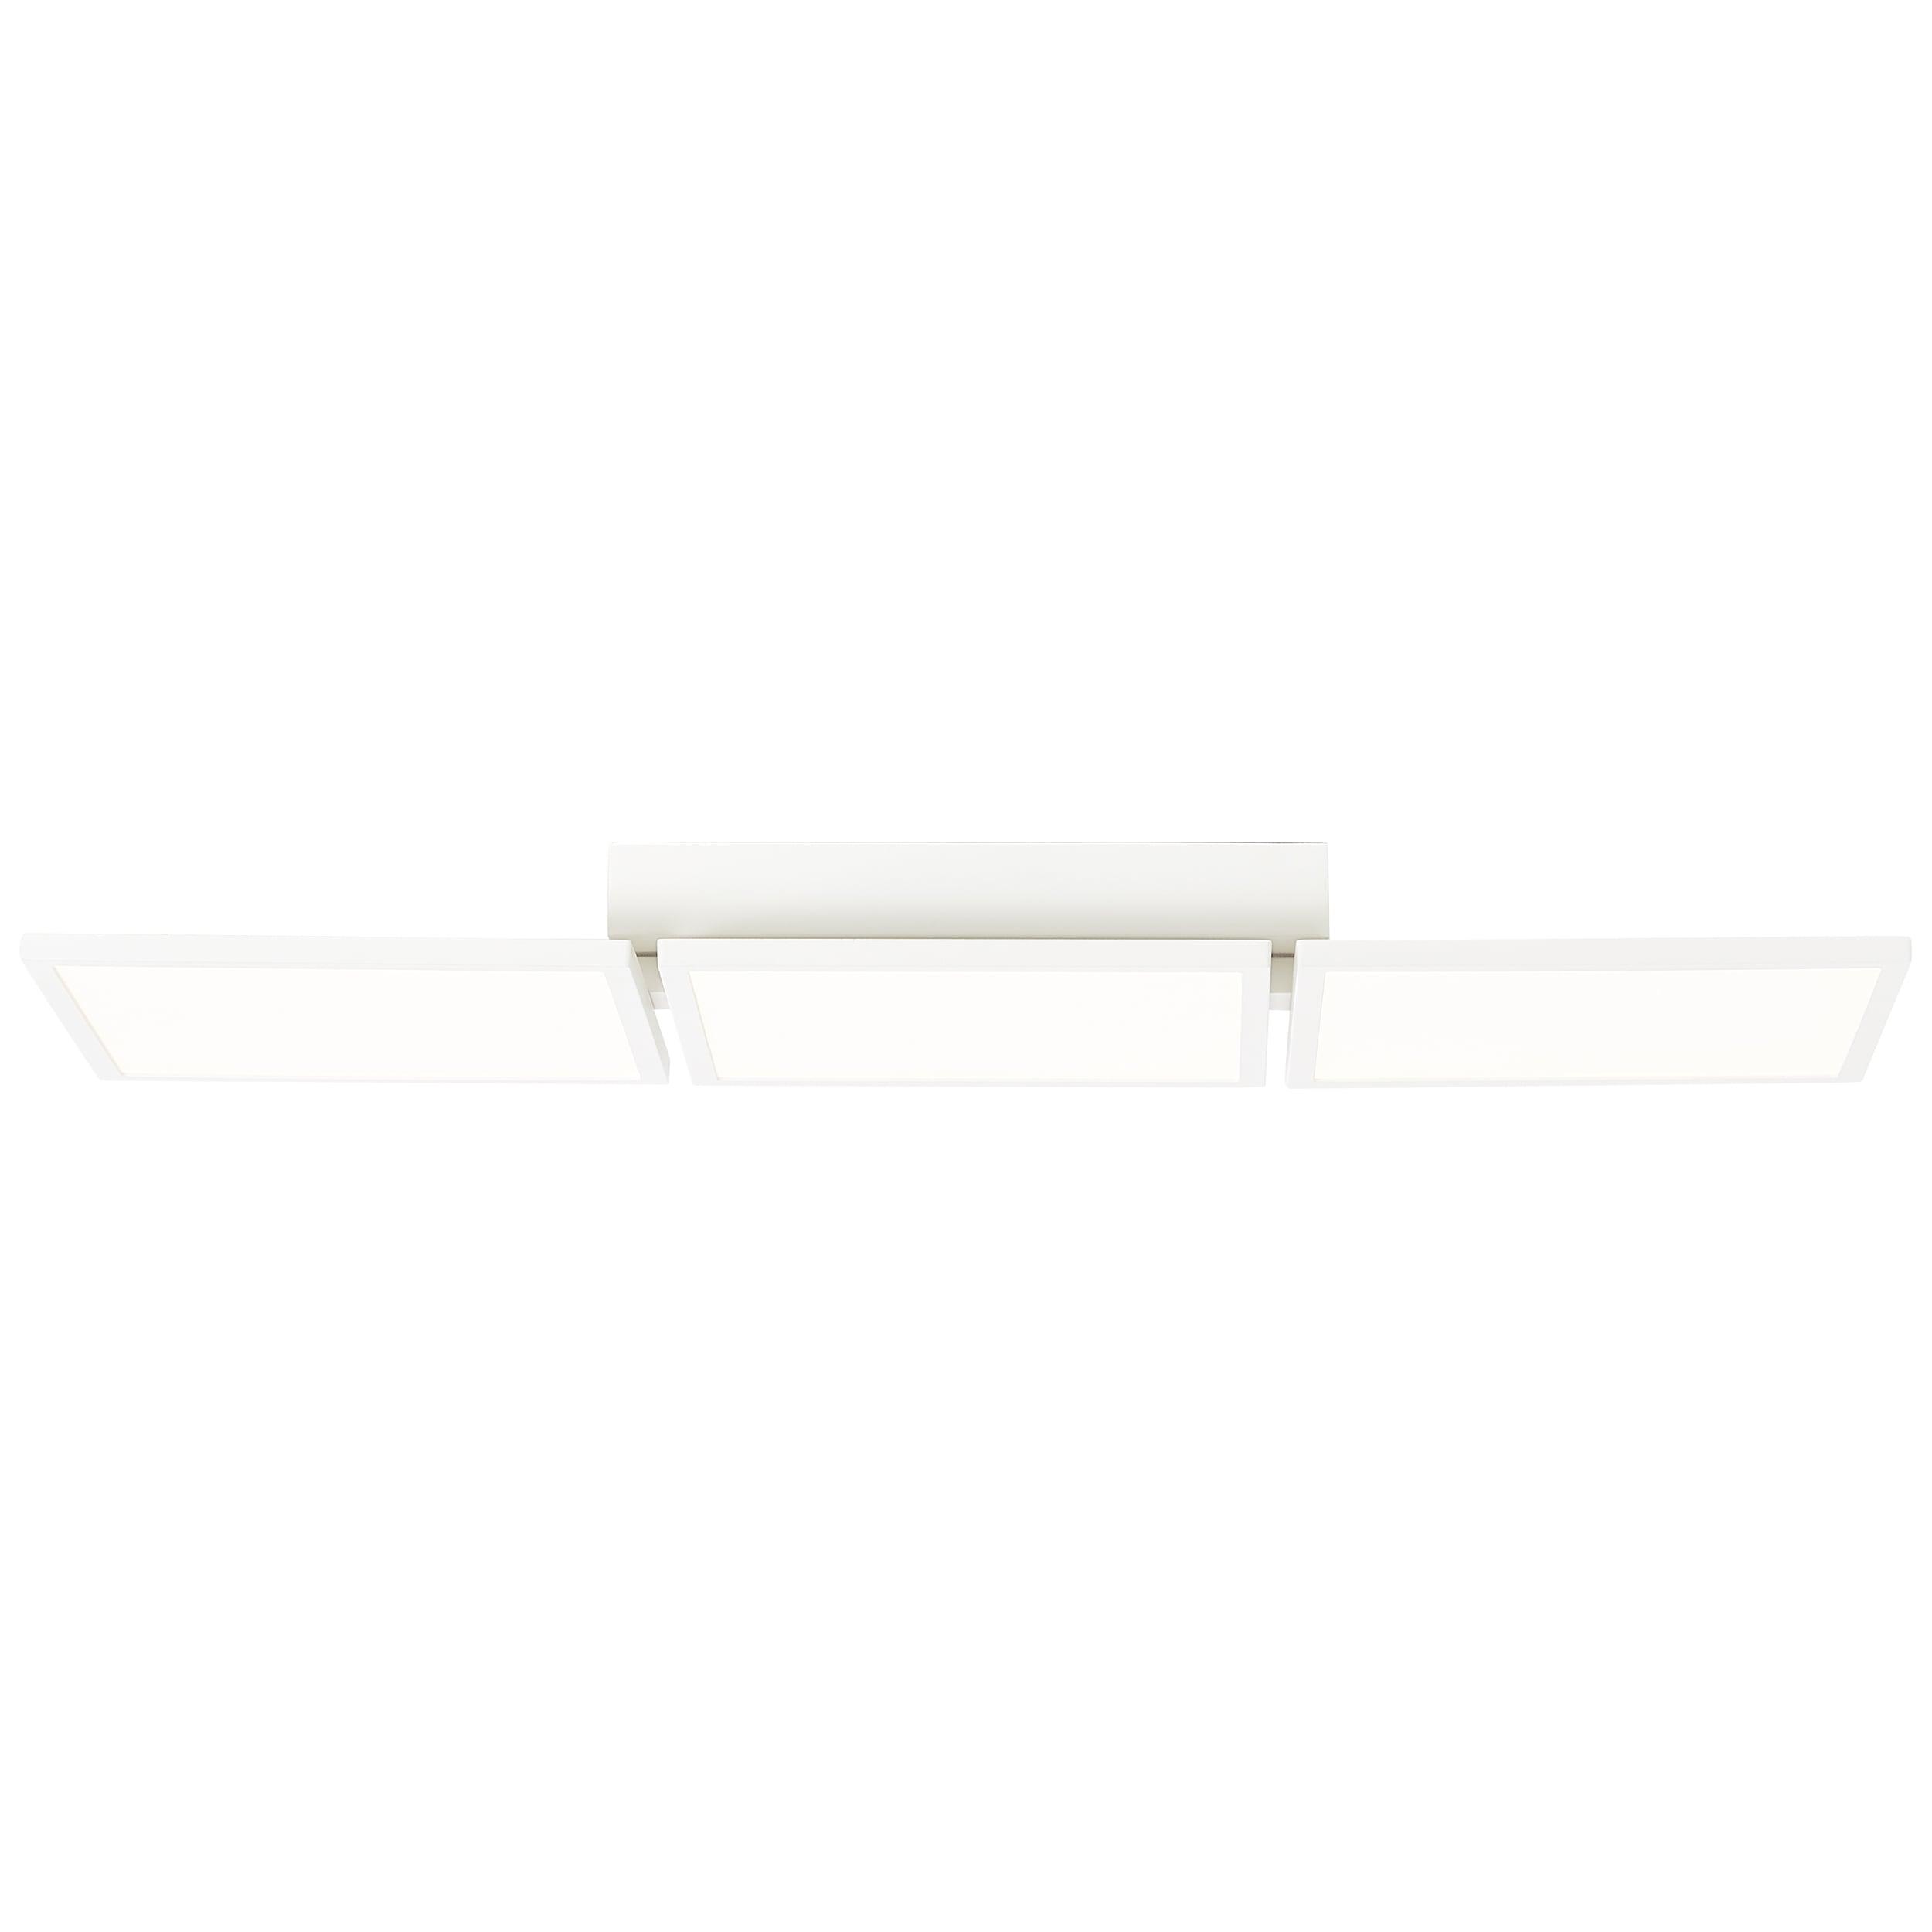 AEG Garek LED Deckenaufbau-Paneel 77x25cm sand/weiÃY easyDim